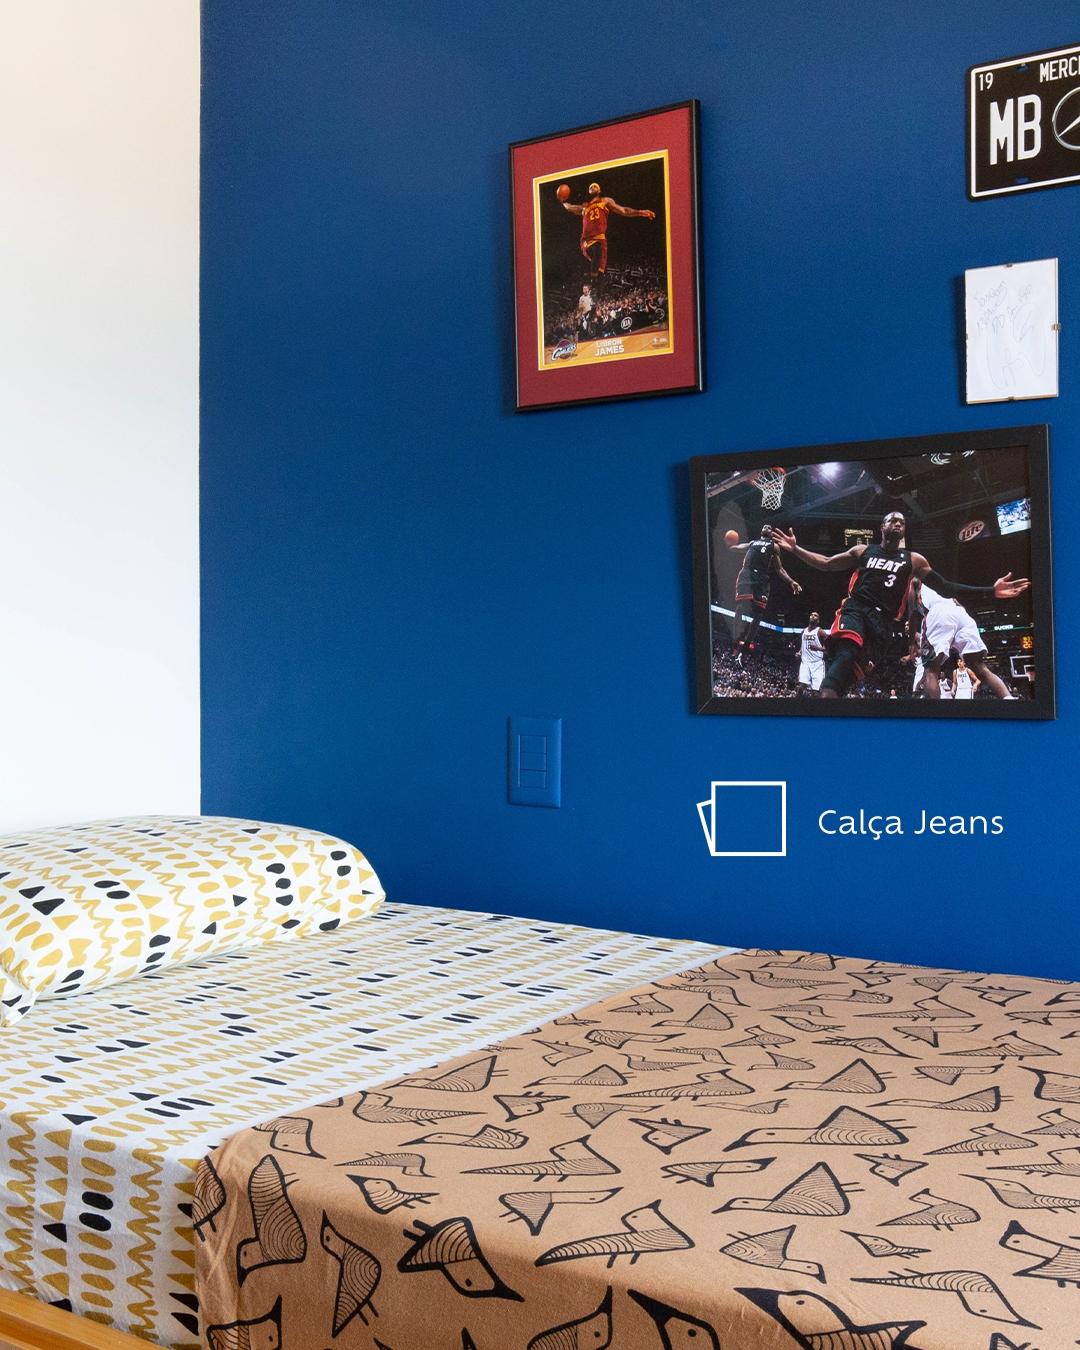 Foto do quarto de Joaquim com foco na sua cama vista verticalmente e na parede pintada da cor Calça Jeans com um ícone de cor. Na parede, vemos quadro de jogadores de basquete e o ícone da cor. A cama tem um lençol com desenhos de pássaros e outro com desenhos triangulares